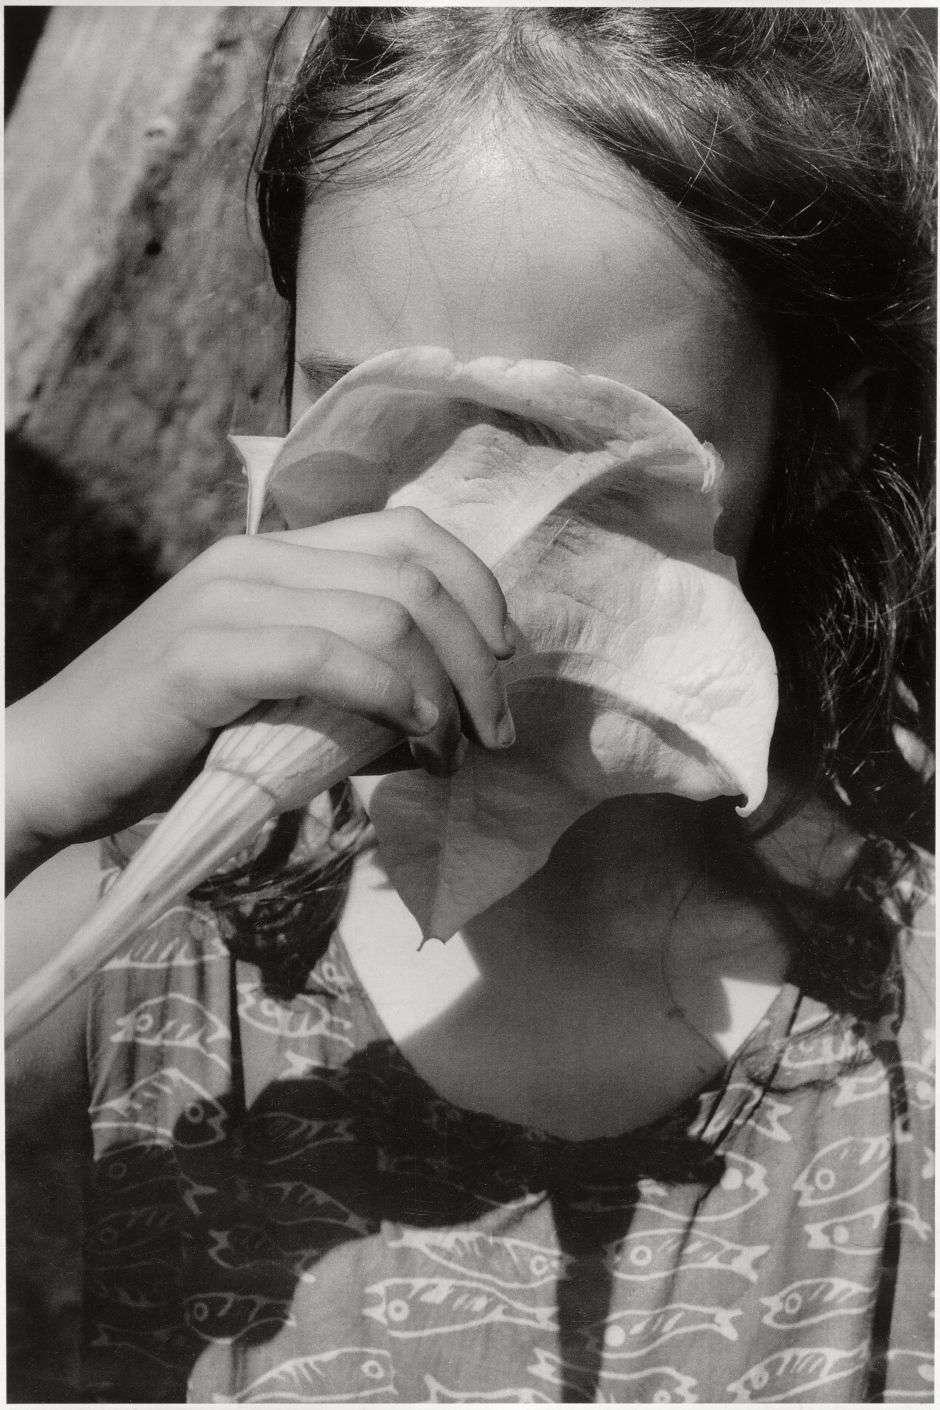 «Explorant la faculté de l'odorat à nous ouvrir les chemins de la connaissance, l'artiste saisit un enfant feignant d'inhaler les effluves toxiques de la datura, plante réputée pour ses propriétés hallucinogènes.»